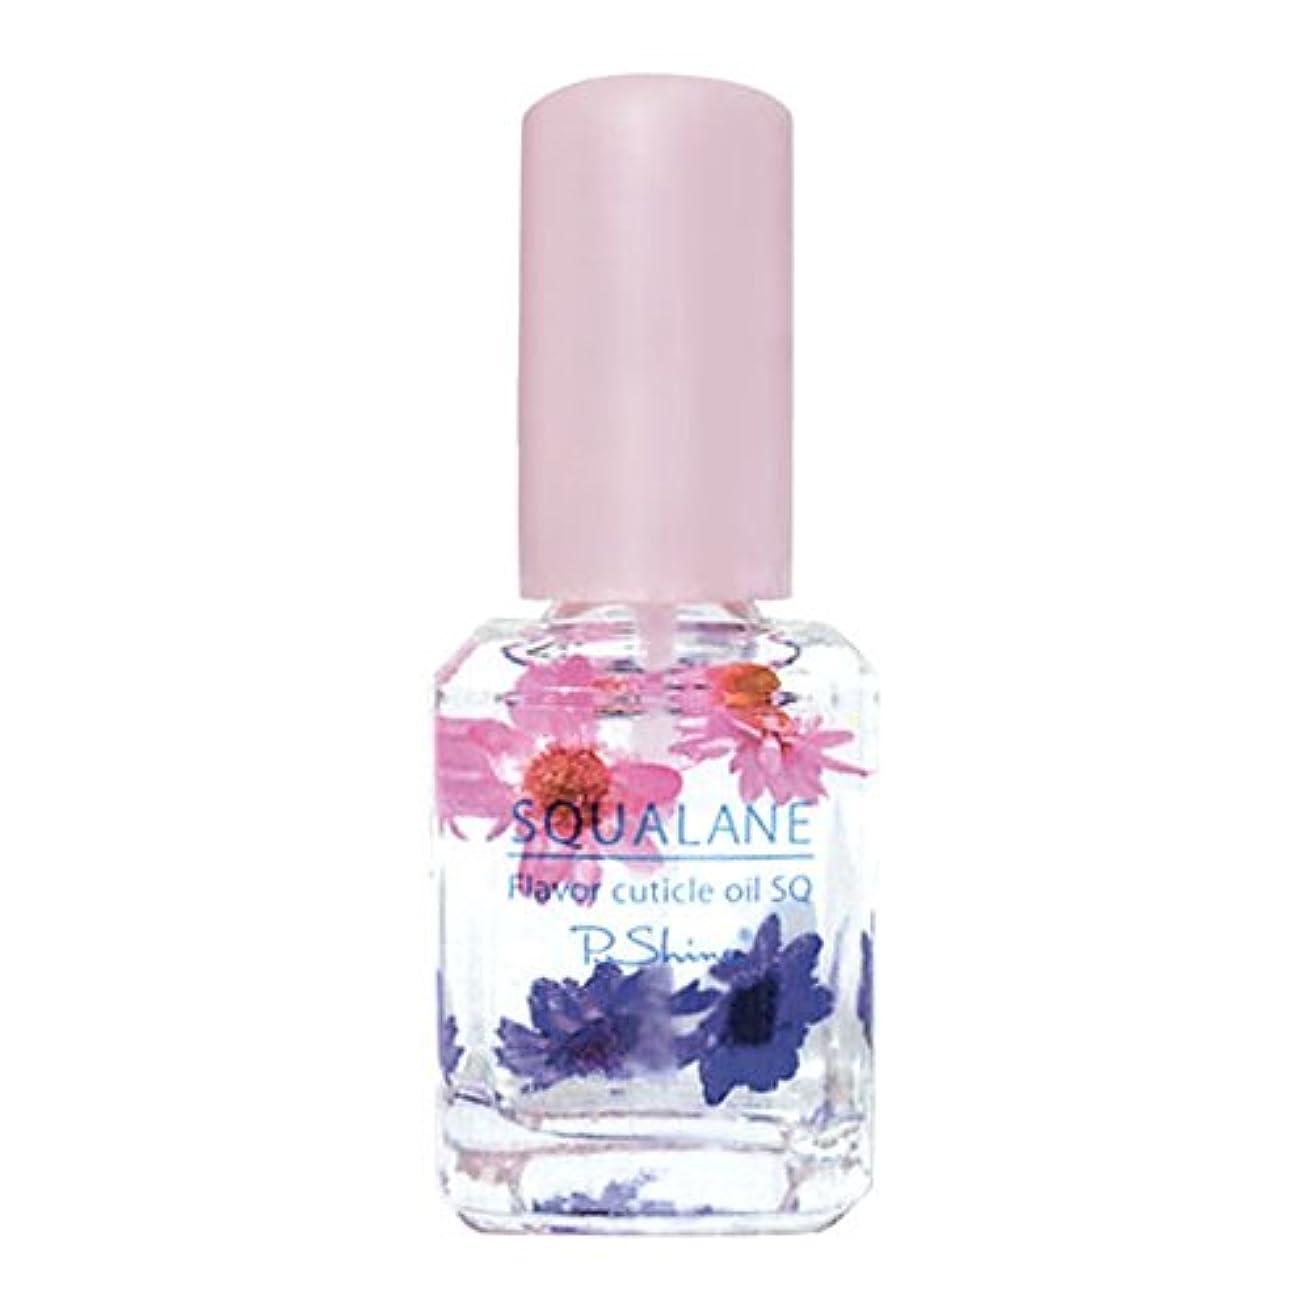 記事経過シビックP. Shine フレーバーオイルSQ フラワーリゾート 南国の花の甘く優しい香り スクワランオイル